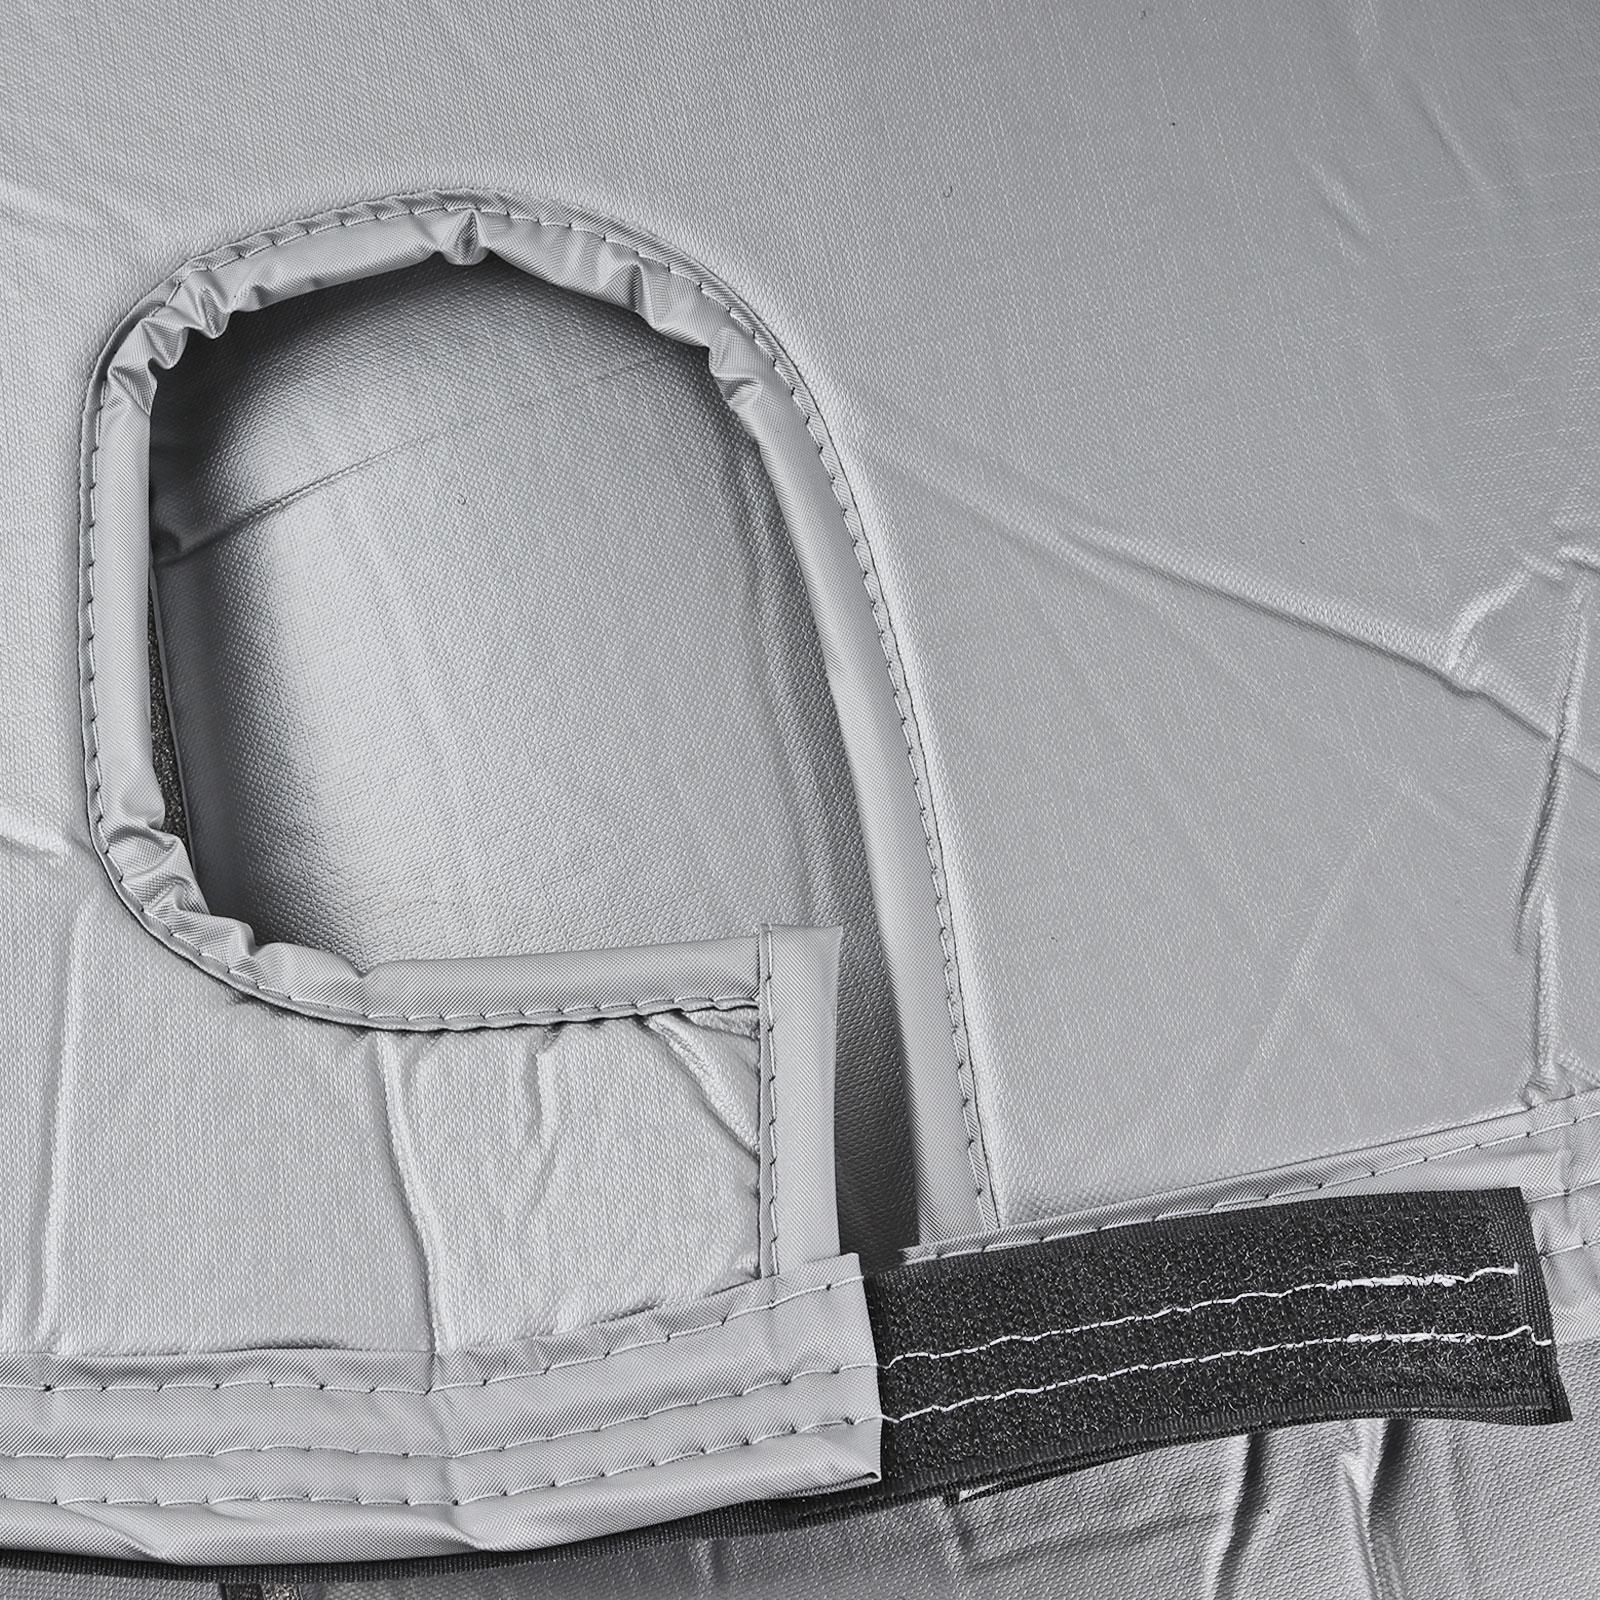 deiwo  Thermomatte aussen für VW Transporter T4 90-03 Frontschutzplane